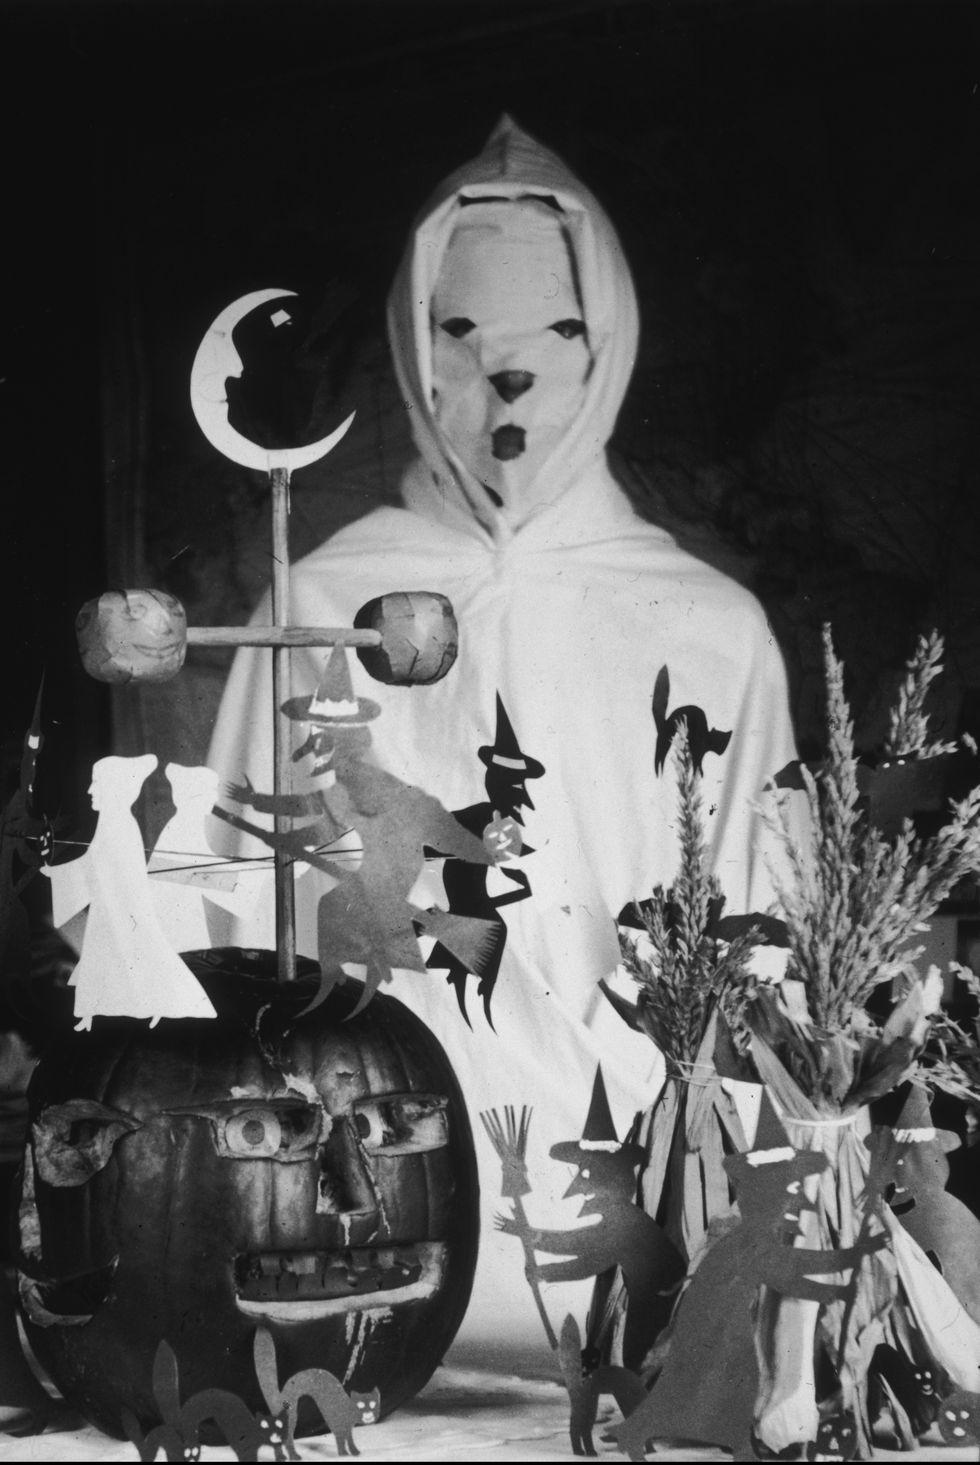 20 винтажных фотографий с Хэллоуина (галерея 0, фото 14)